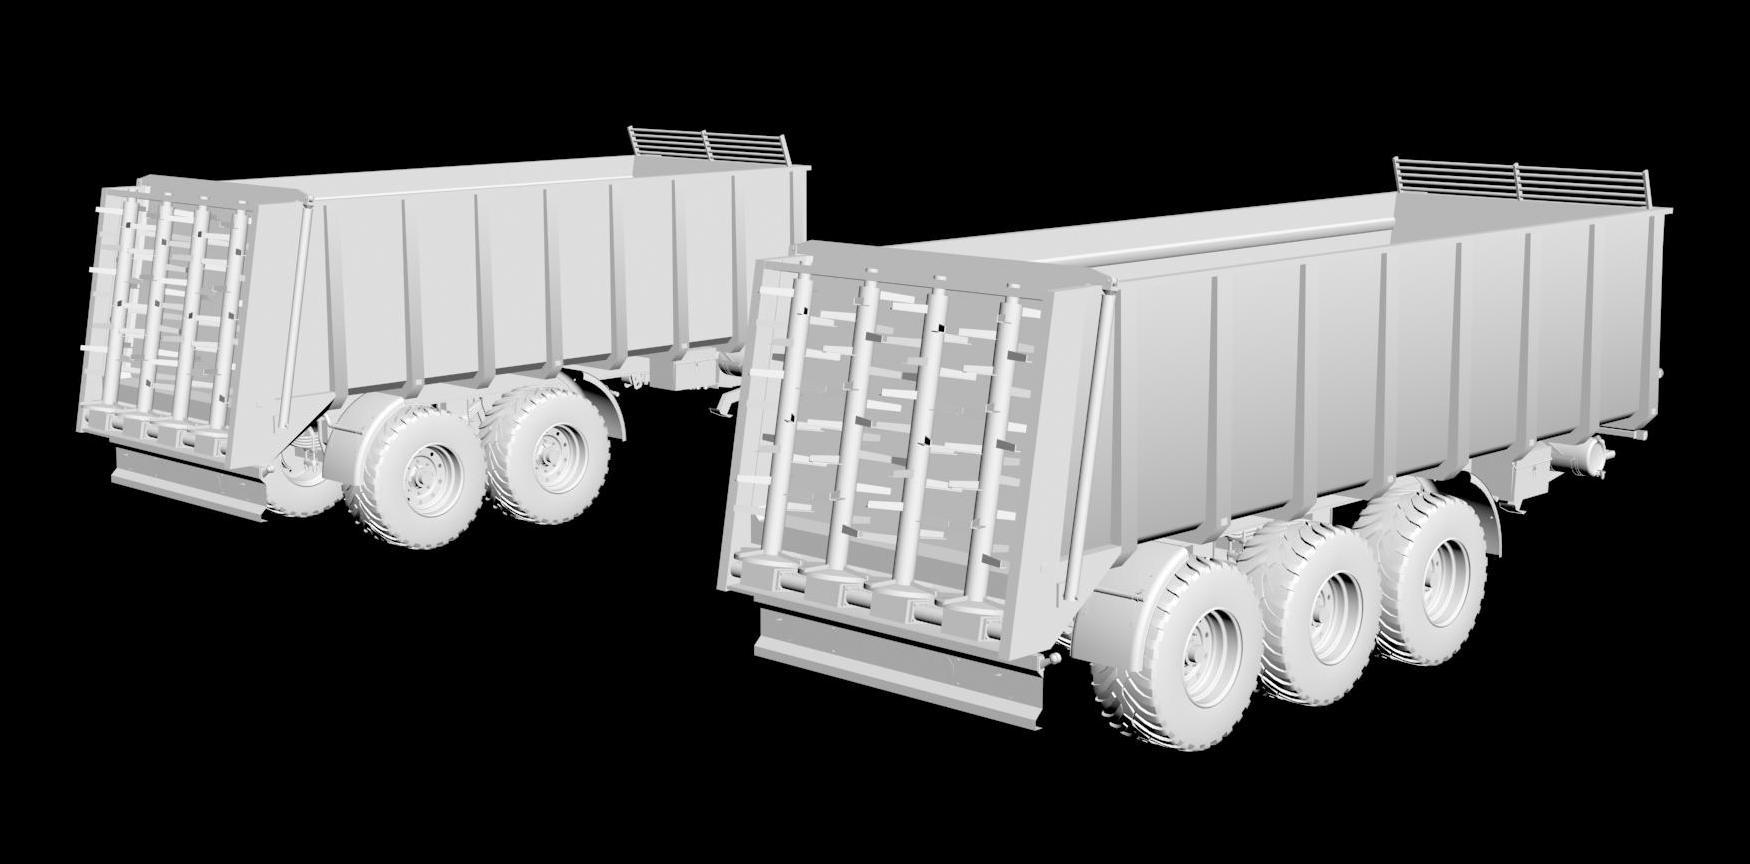 [Encuesta][T.E.P.] Proyecto Aguas Tenias (22 modelos + 1 Camión) [Terminado 21-4-2014]. - Página 4 39hodws